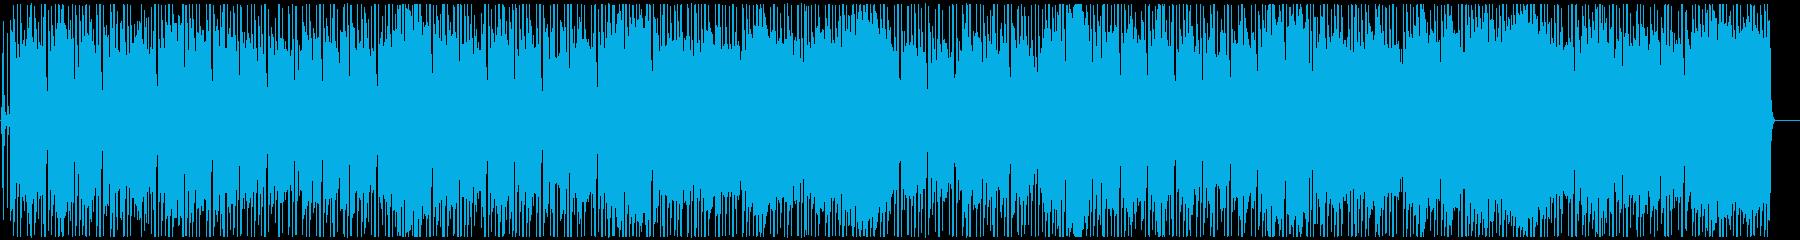 レゲエ 甘く切ないラヴァーズロックの再生済みの波形